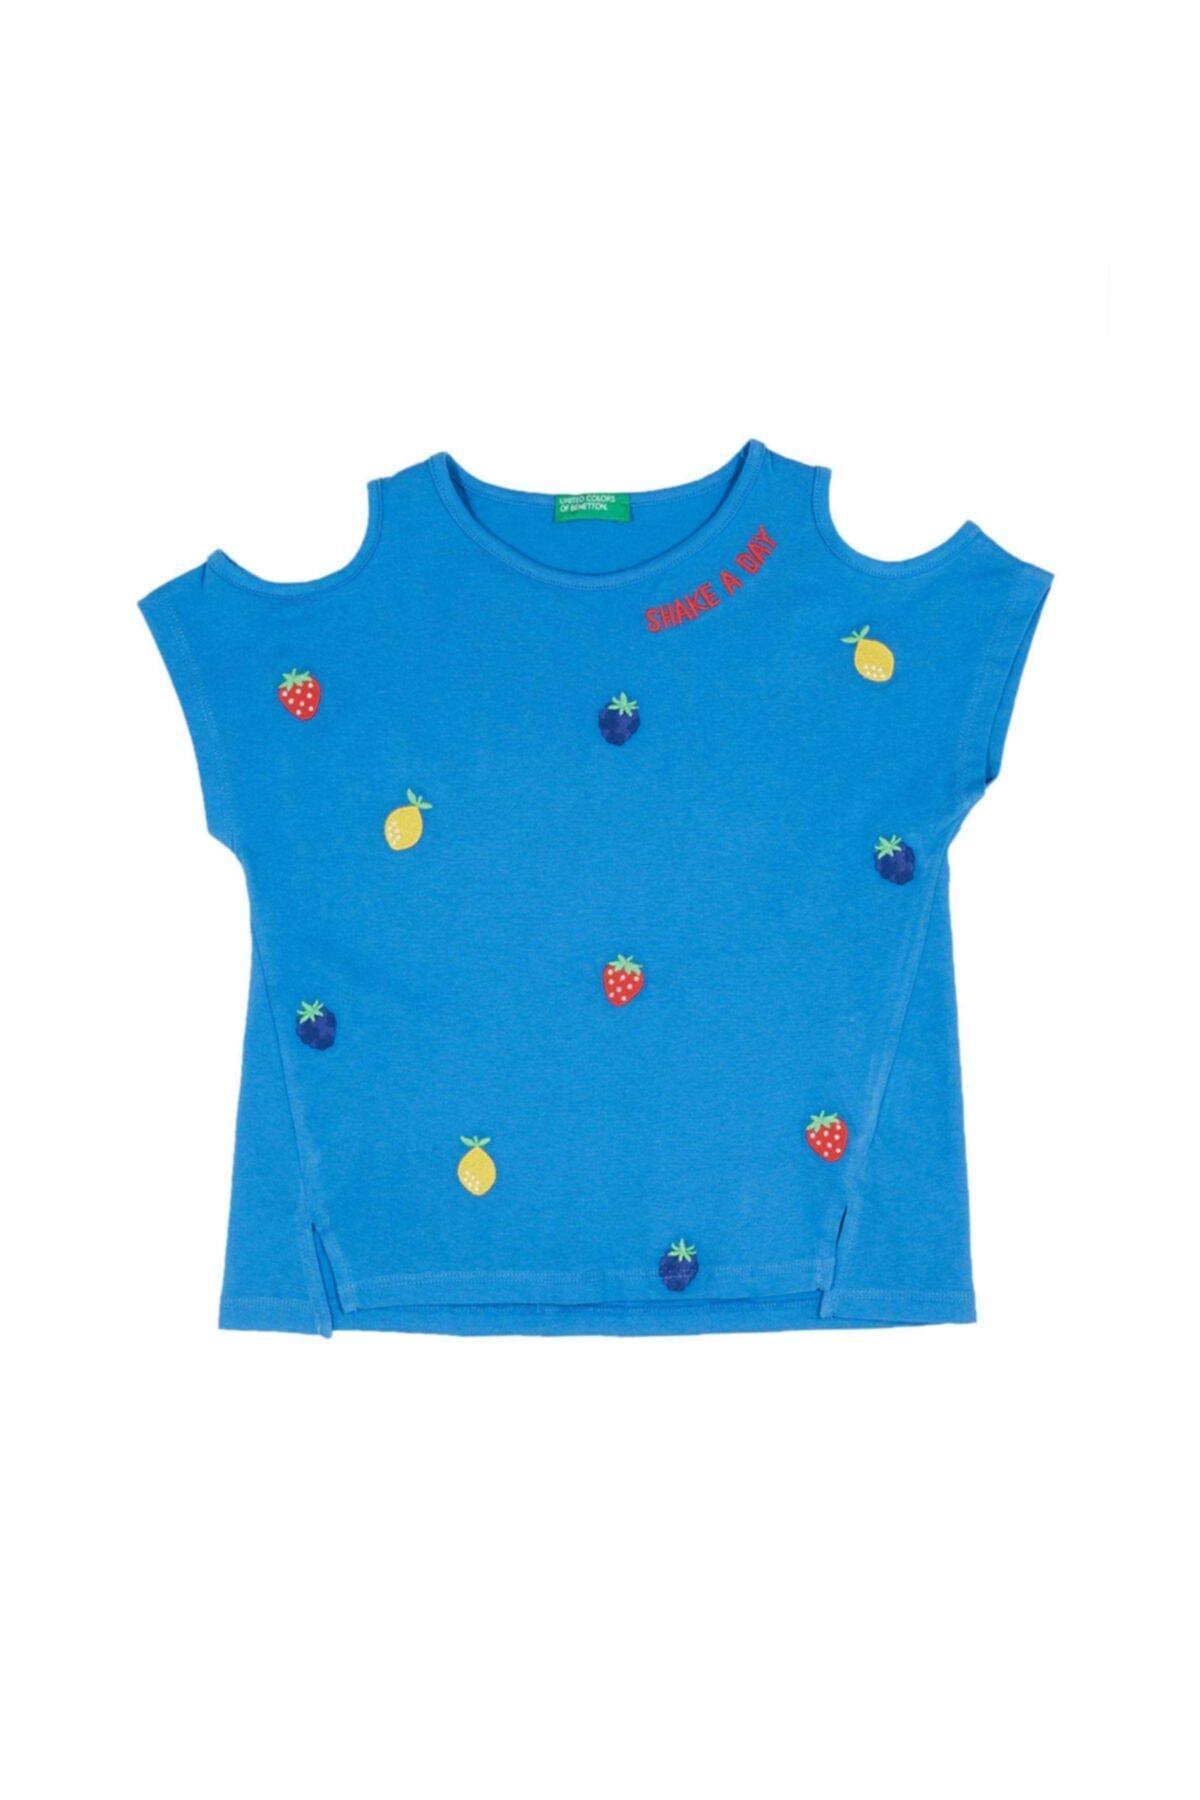 United Colors of Benetton Meyve Işlemeli Açık Omuzlu Tshirt 1